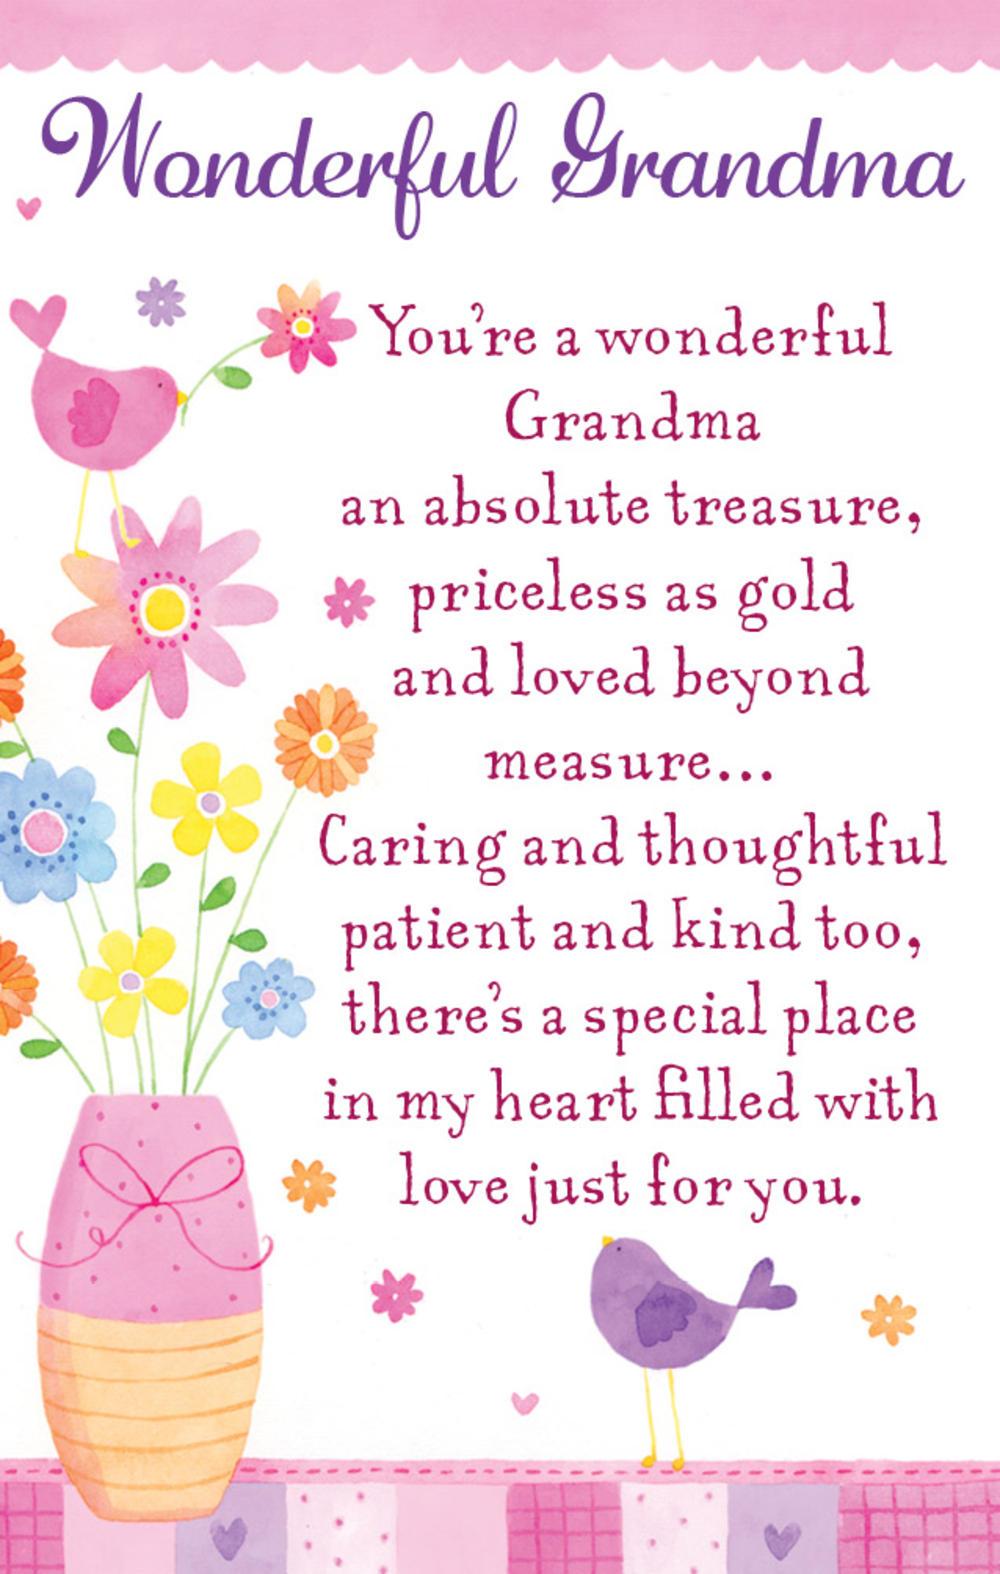 Wonderful Grandma Heartwarmers Keepsake Credit Card & Envelope